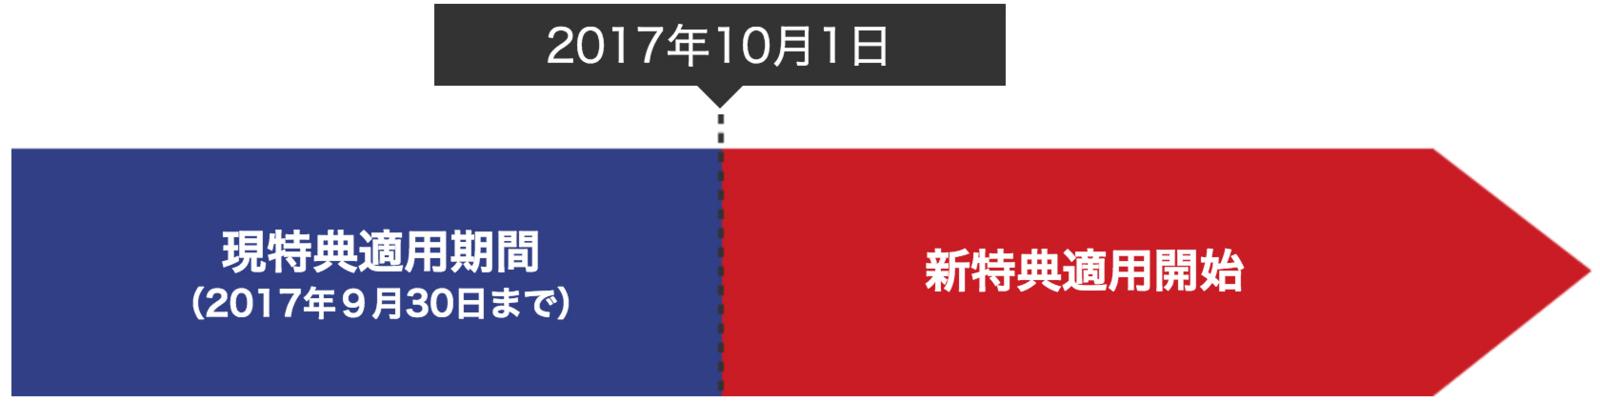 f:id:kanamalu:20170109011028j:plain